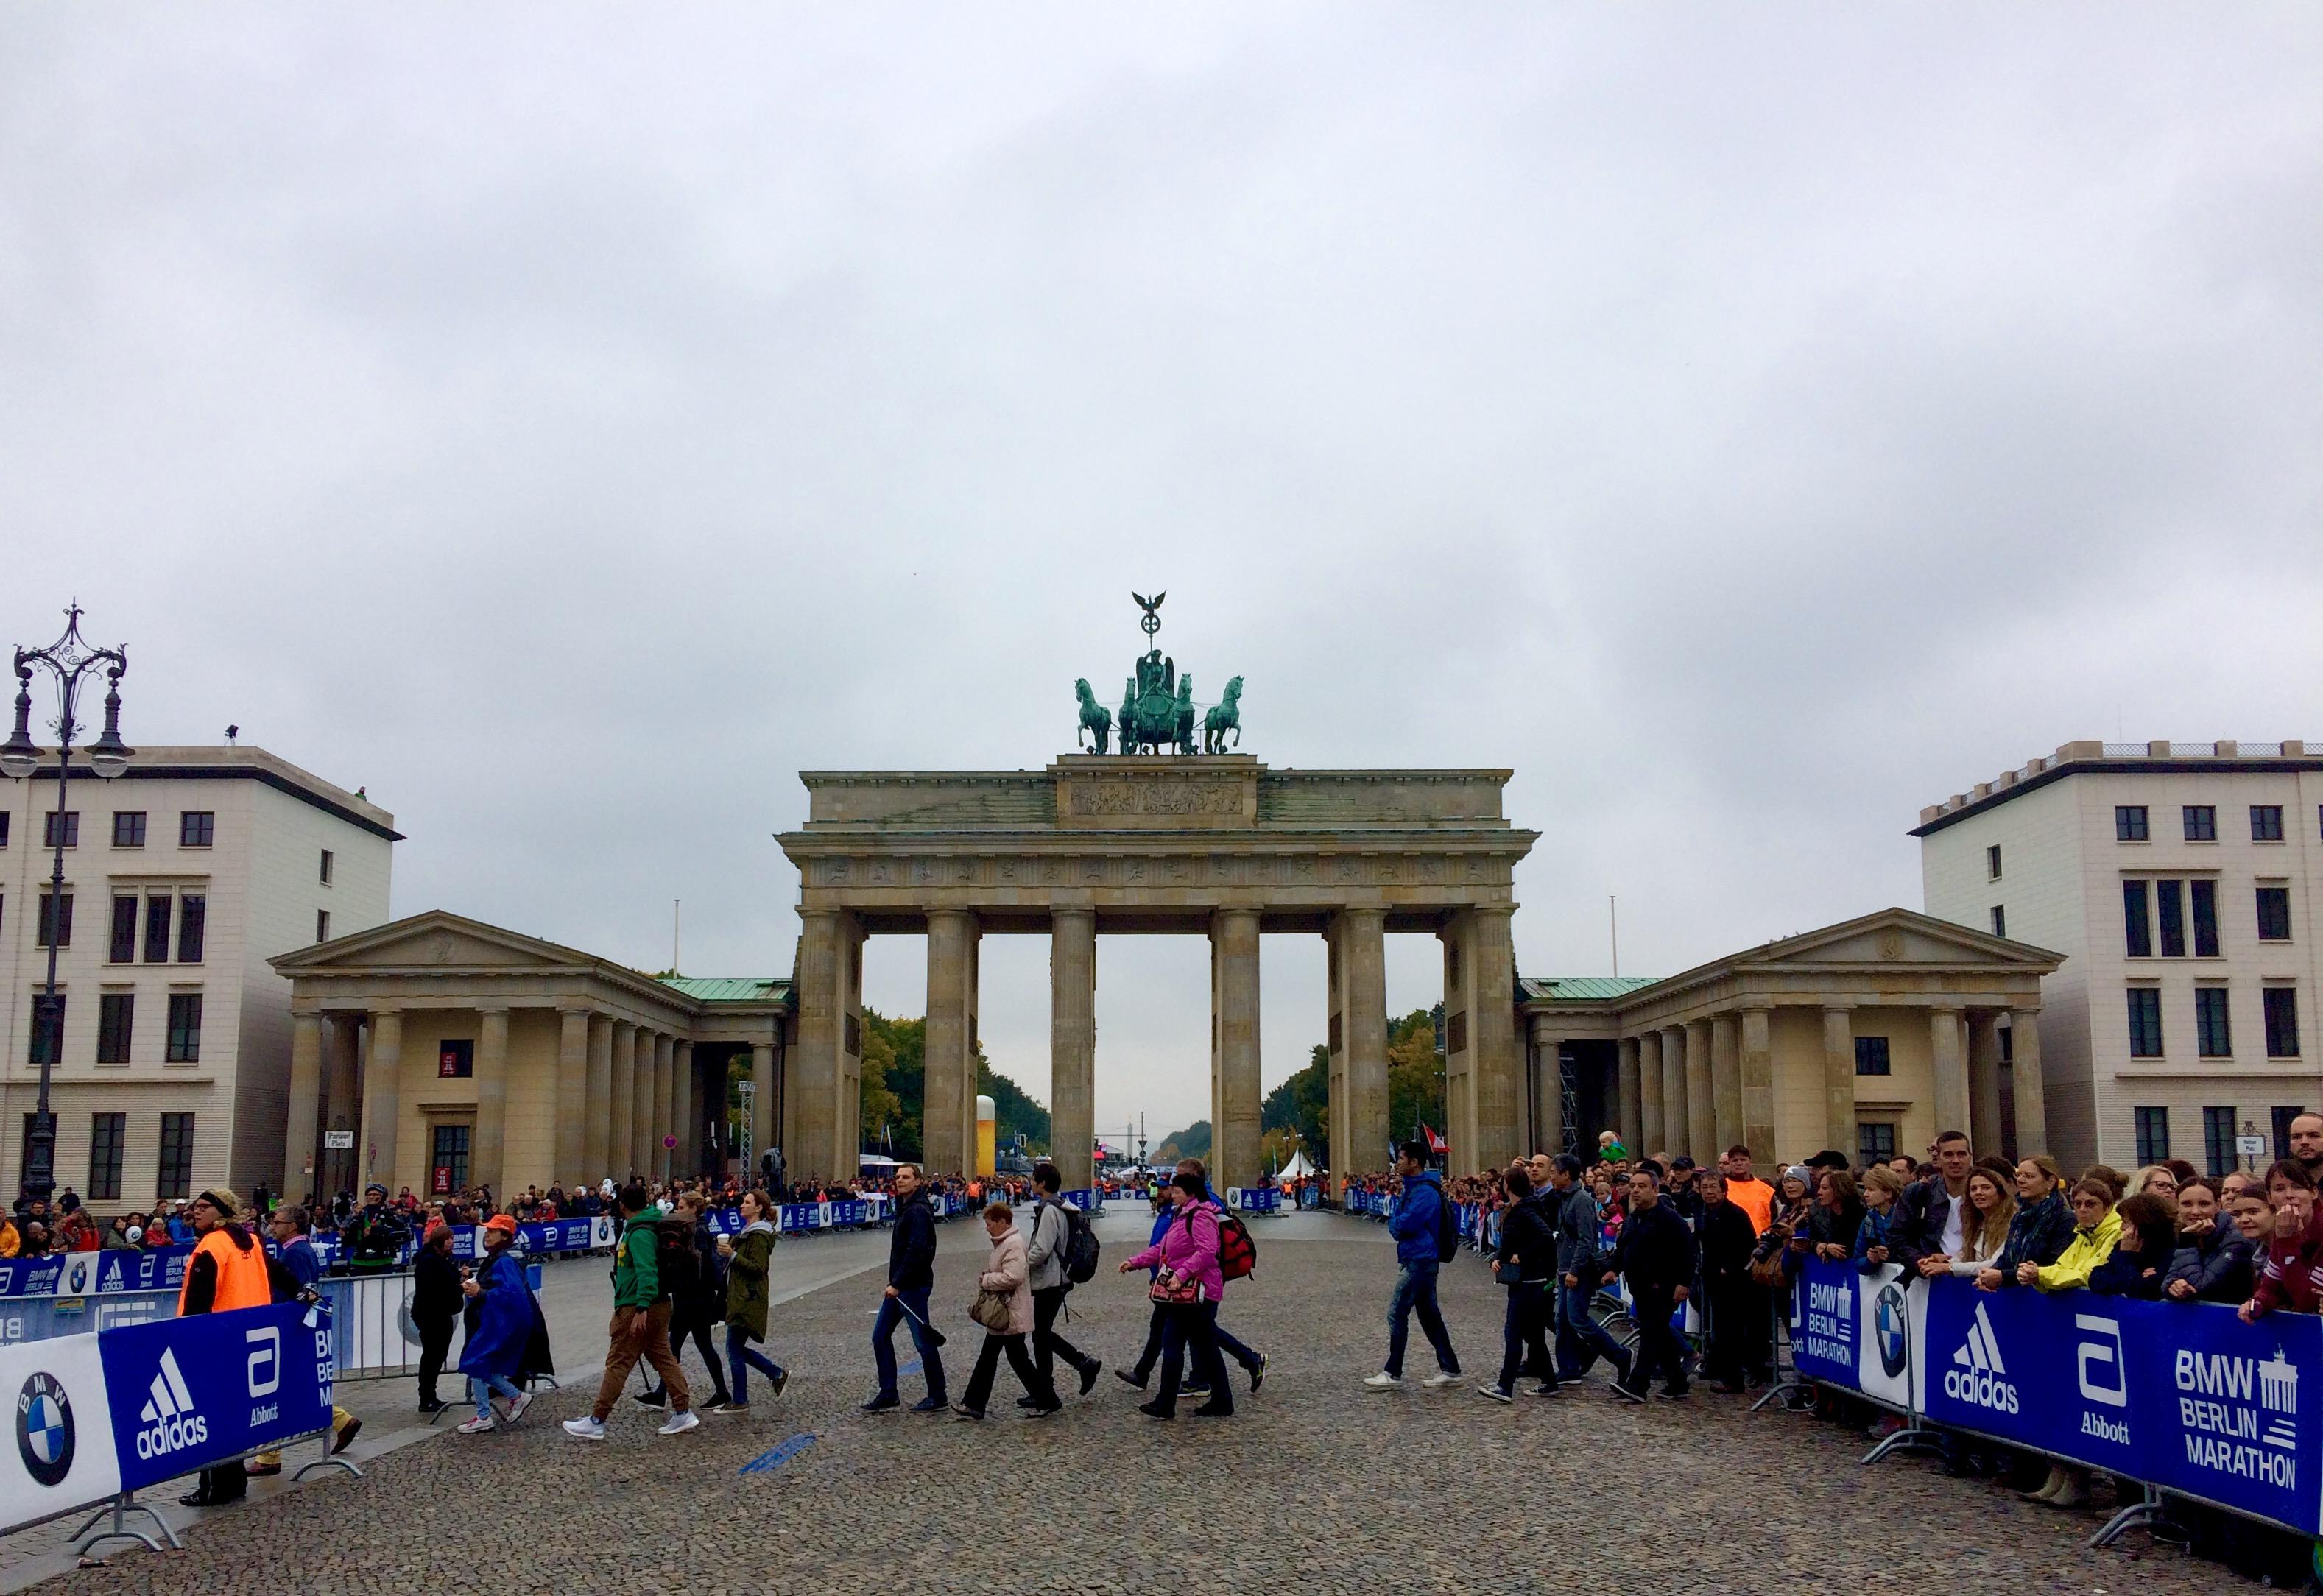 Berlini szervezettség: a maratoni futóverseny ellenére is megoldható az átkelés a Brandenburgi kapu előtt